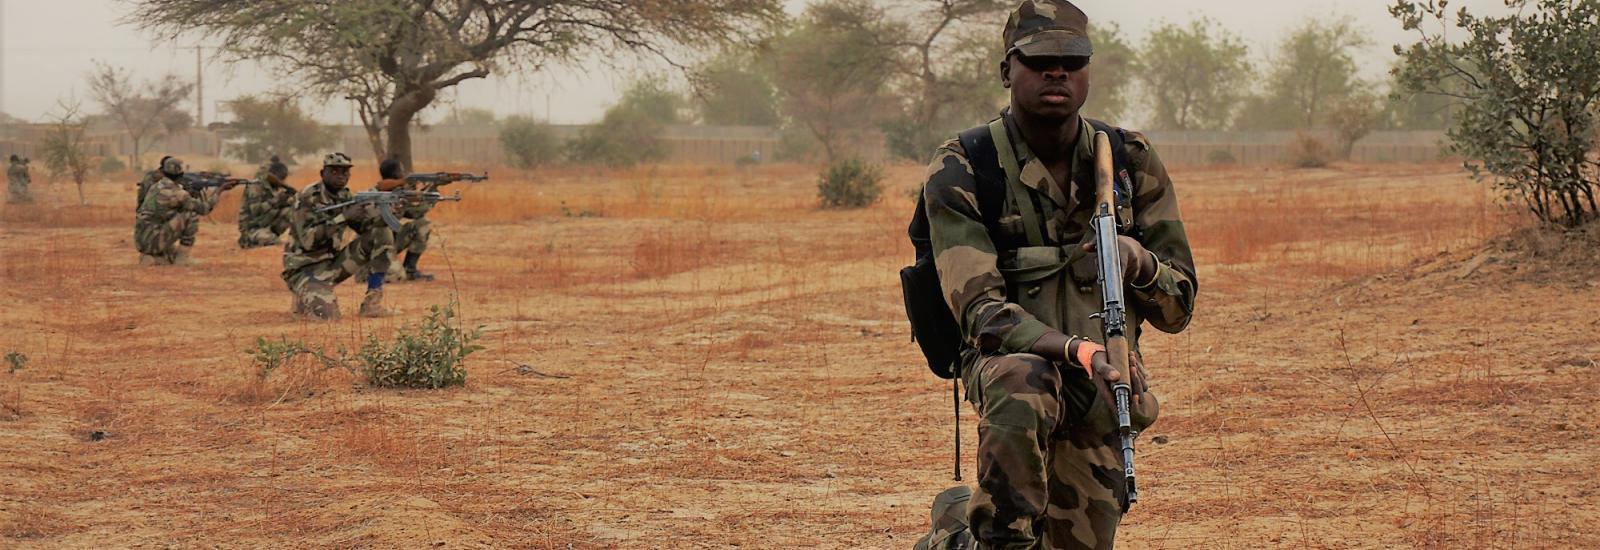 ©U.S. Army photo by Spc. Zayid Ballesteros/Released